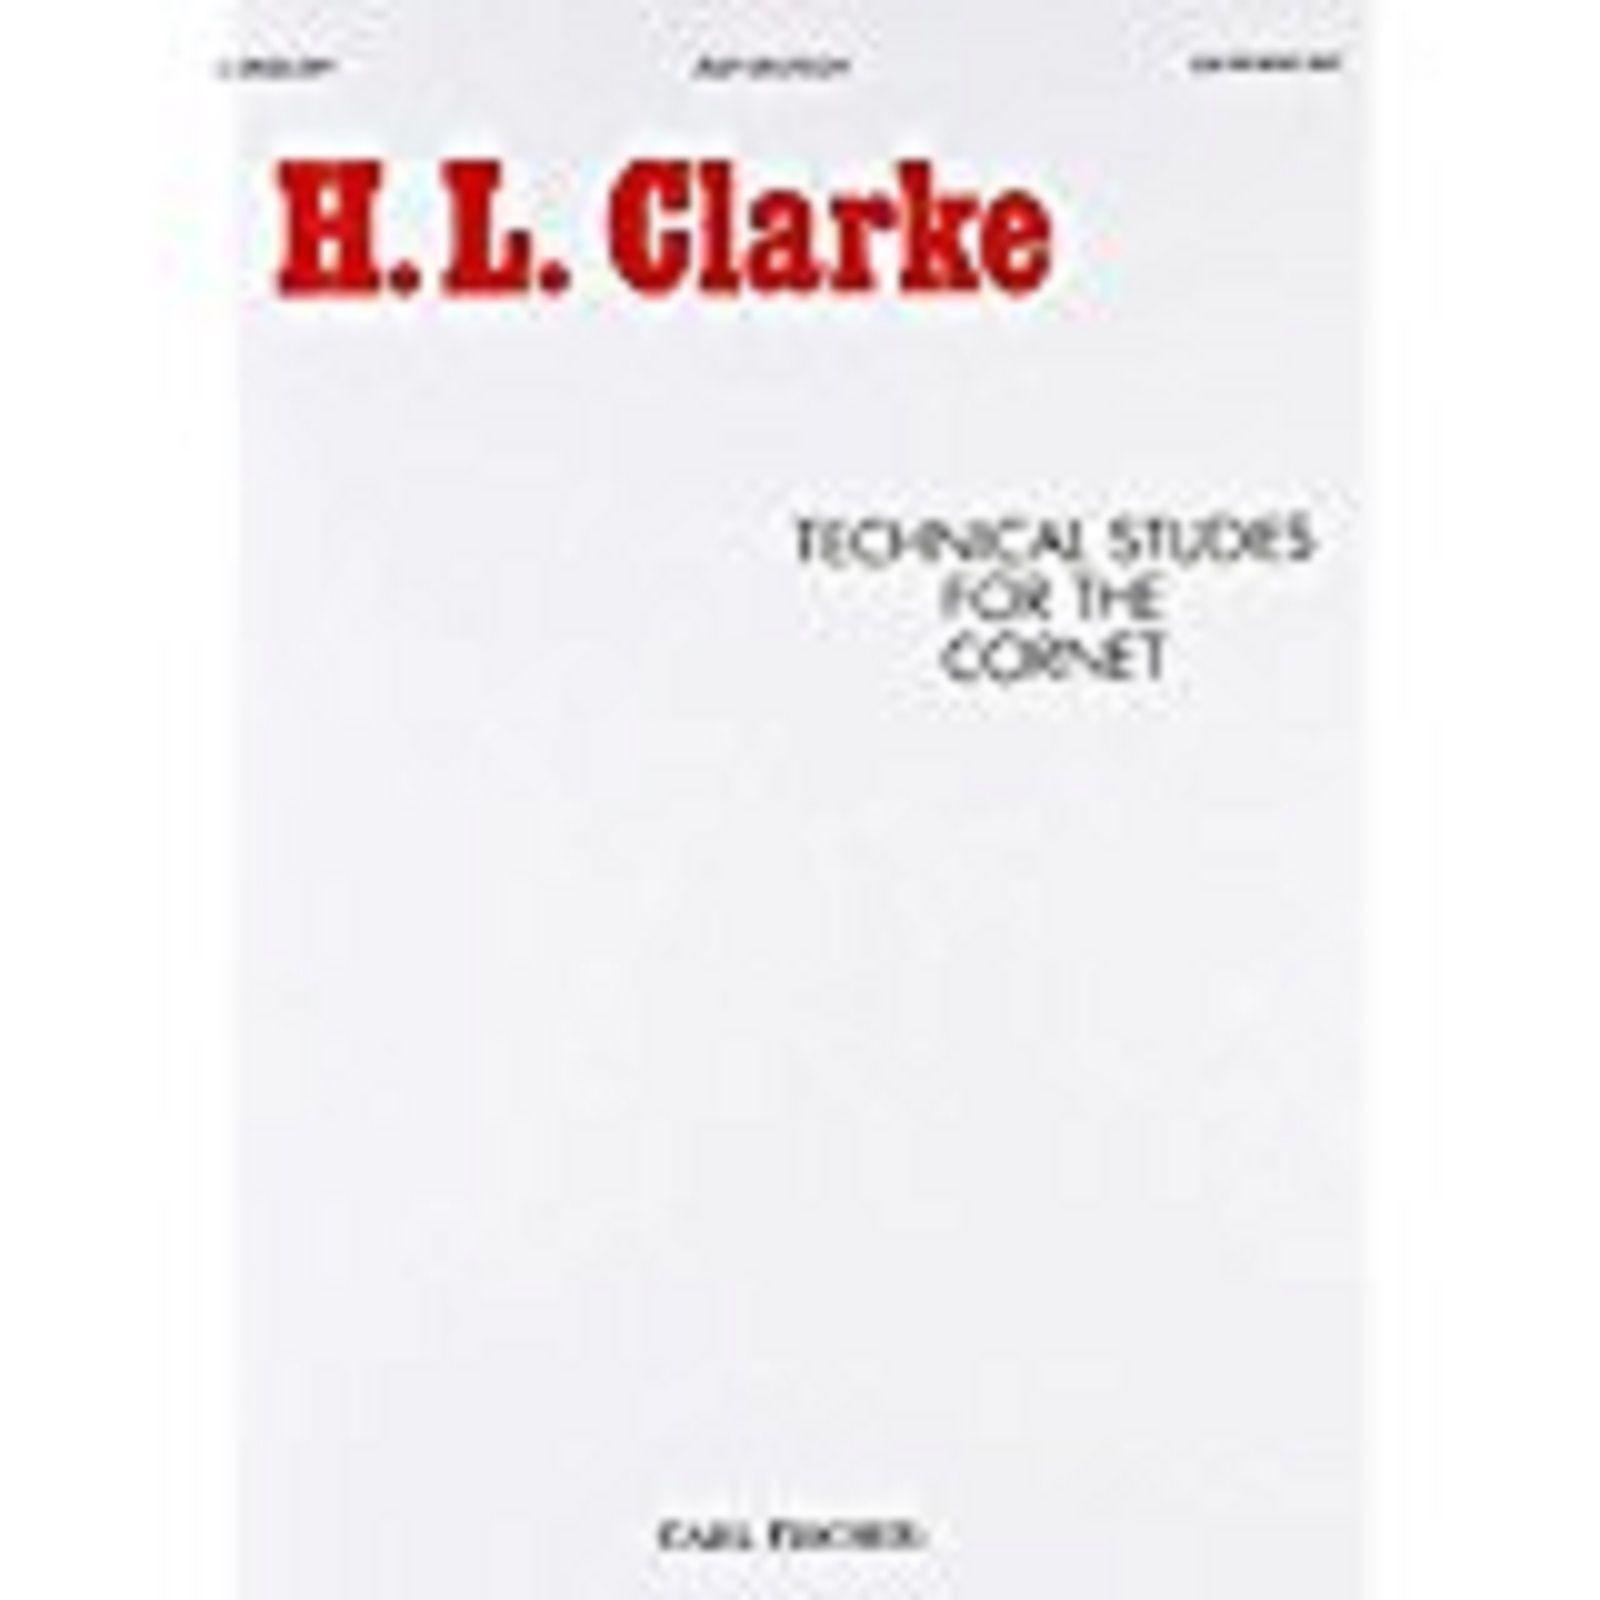 H L Clarke Technical Studies For The Cornet Book Technique Exercises S126